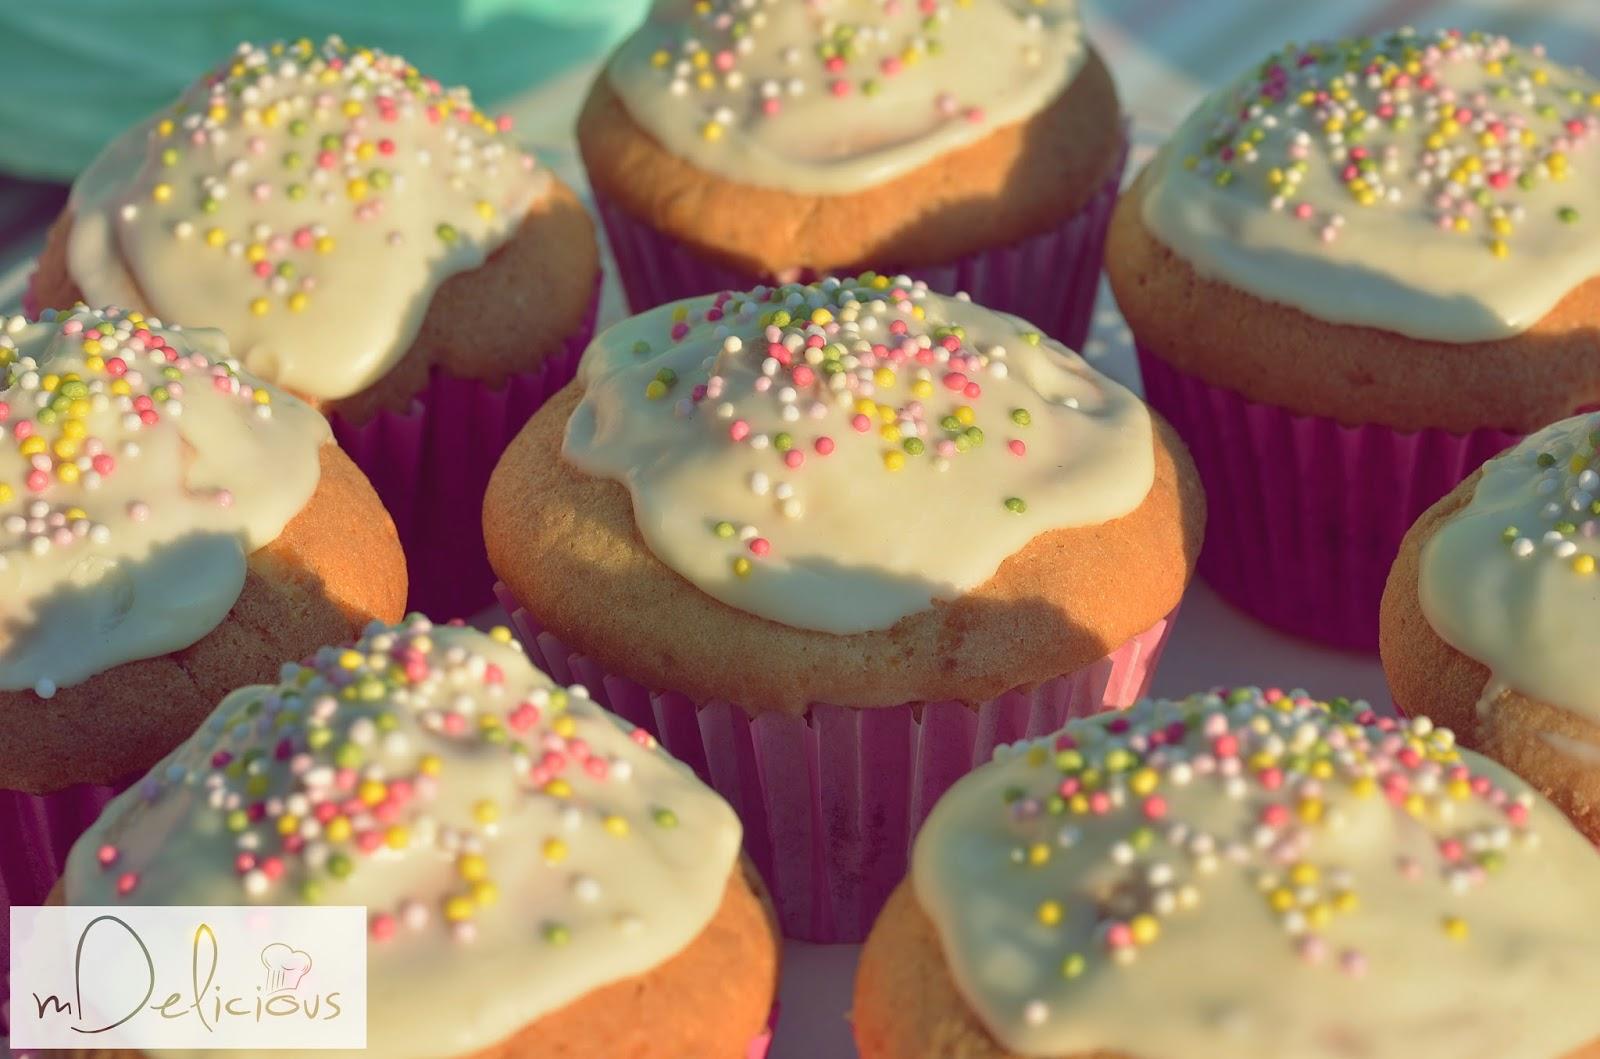 muffiny truskawkowe, muffinki z truskawkami, muffinki z czekoladą, babeczki z truskawkami, babeczki truskawkowe, muffinki przepis, babeczki przepisy